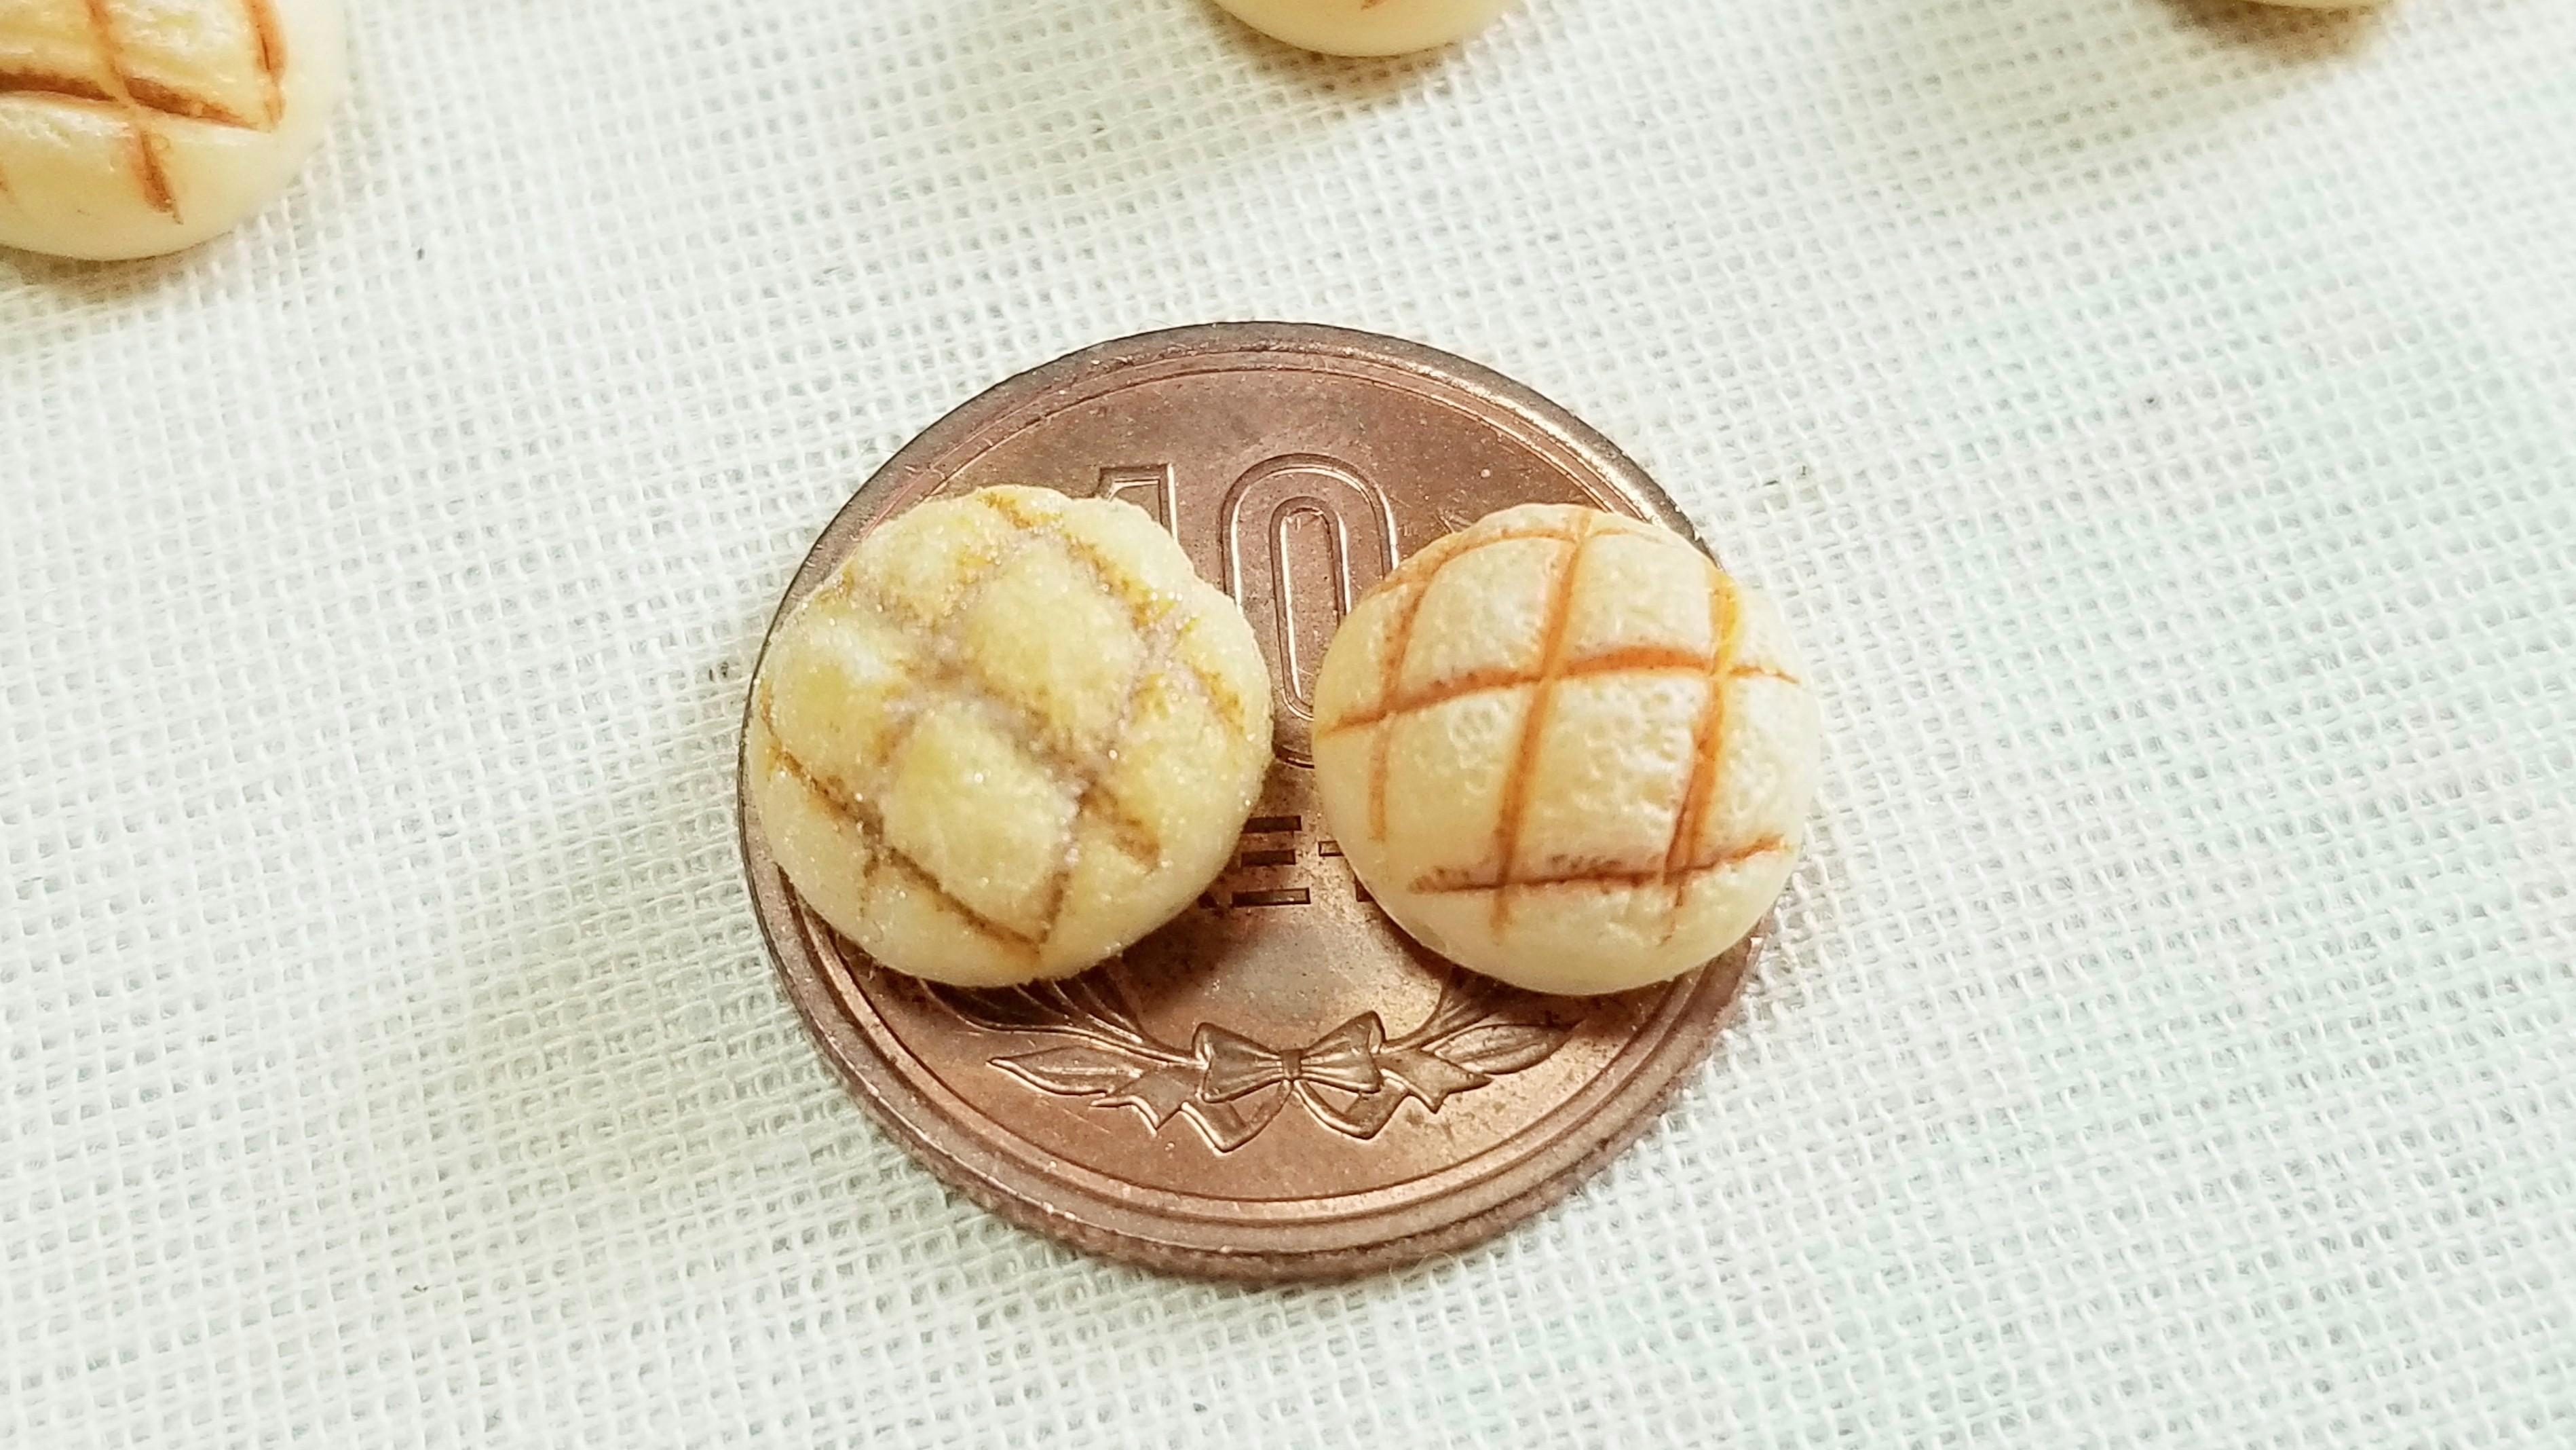 小さない可愛いメロンパンおいしいよおすすめ小物手作りアレンジ